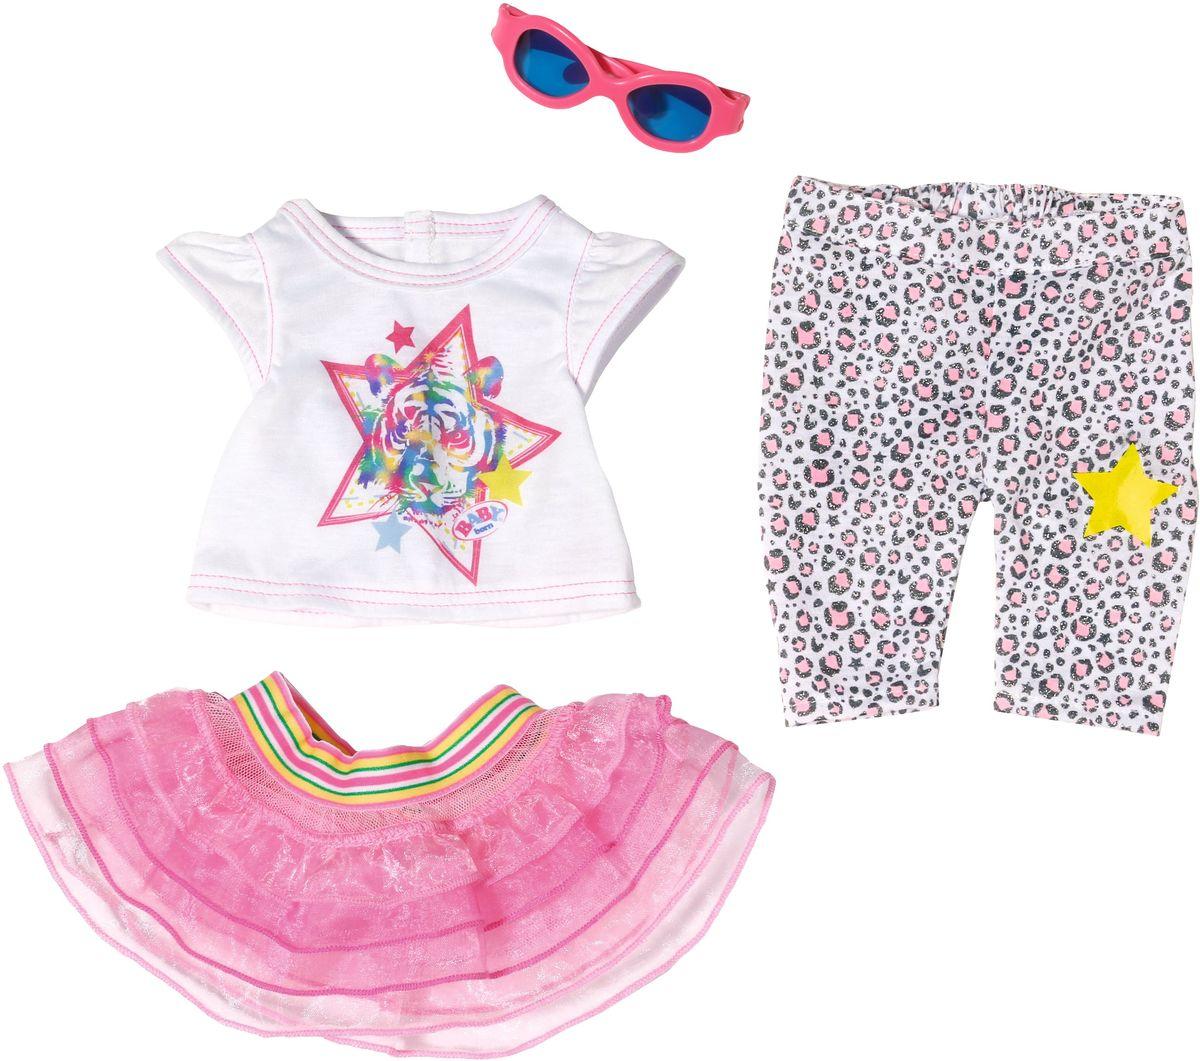 Baby Born Одежда для кукол Для прогулки822-241Одежда предназначена для куклы Baby Born высотой 43 см. В набор входят футболка, леггинсы, юбочка и солнечные очки.